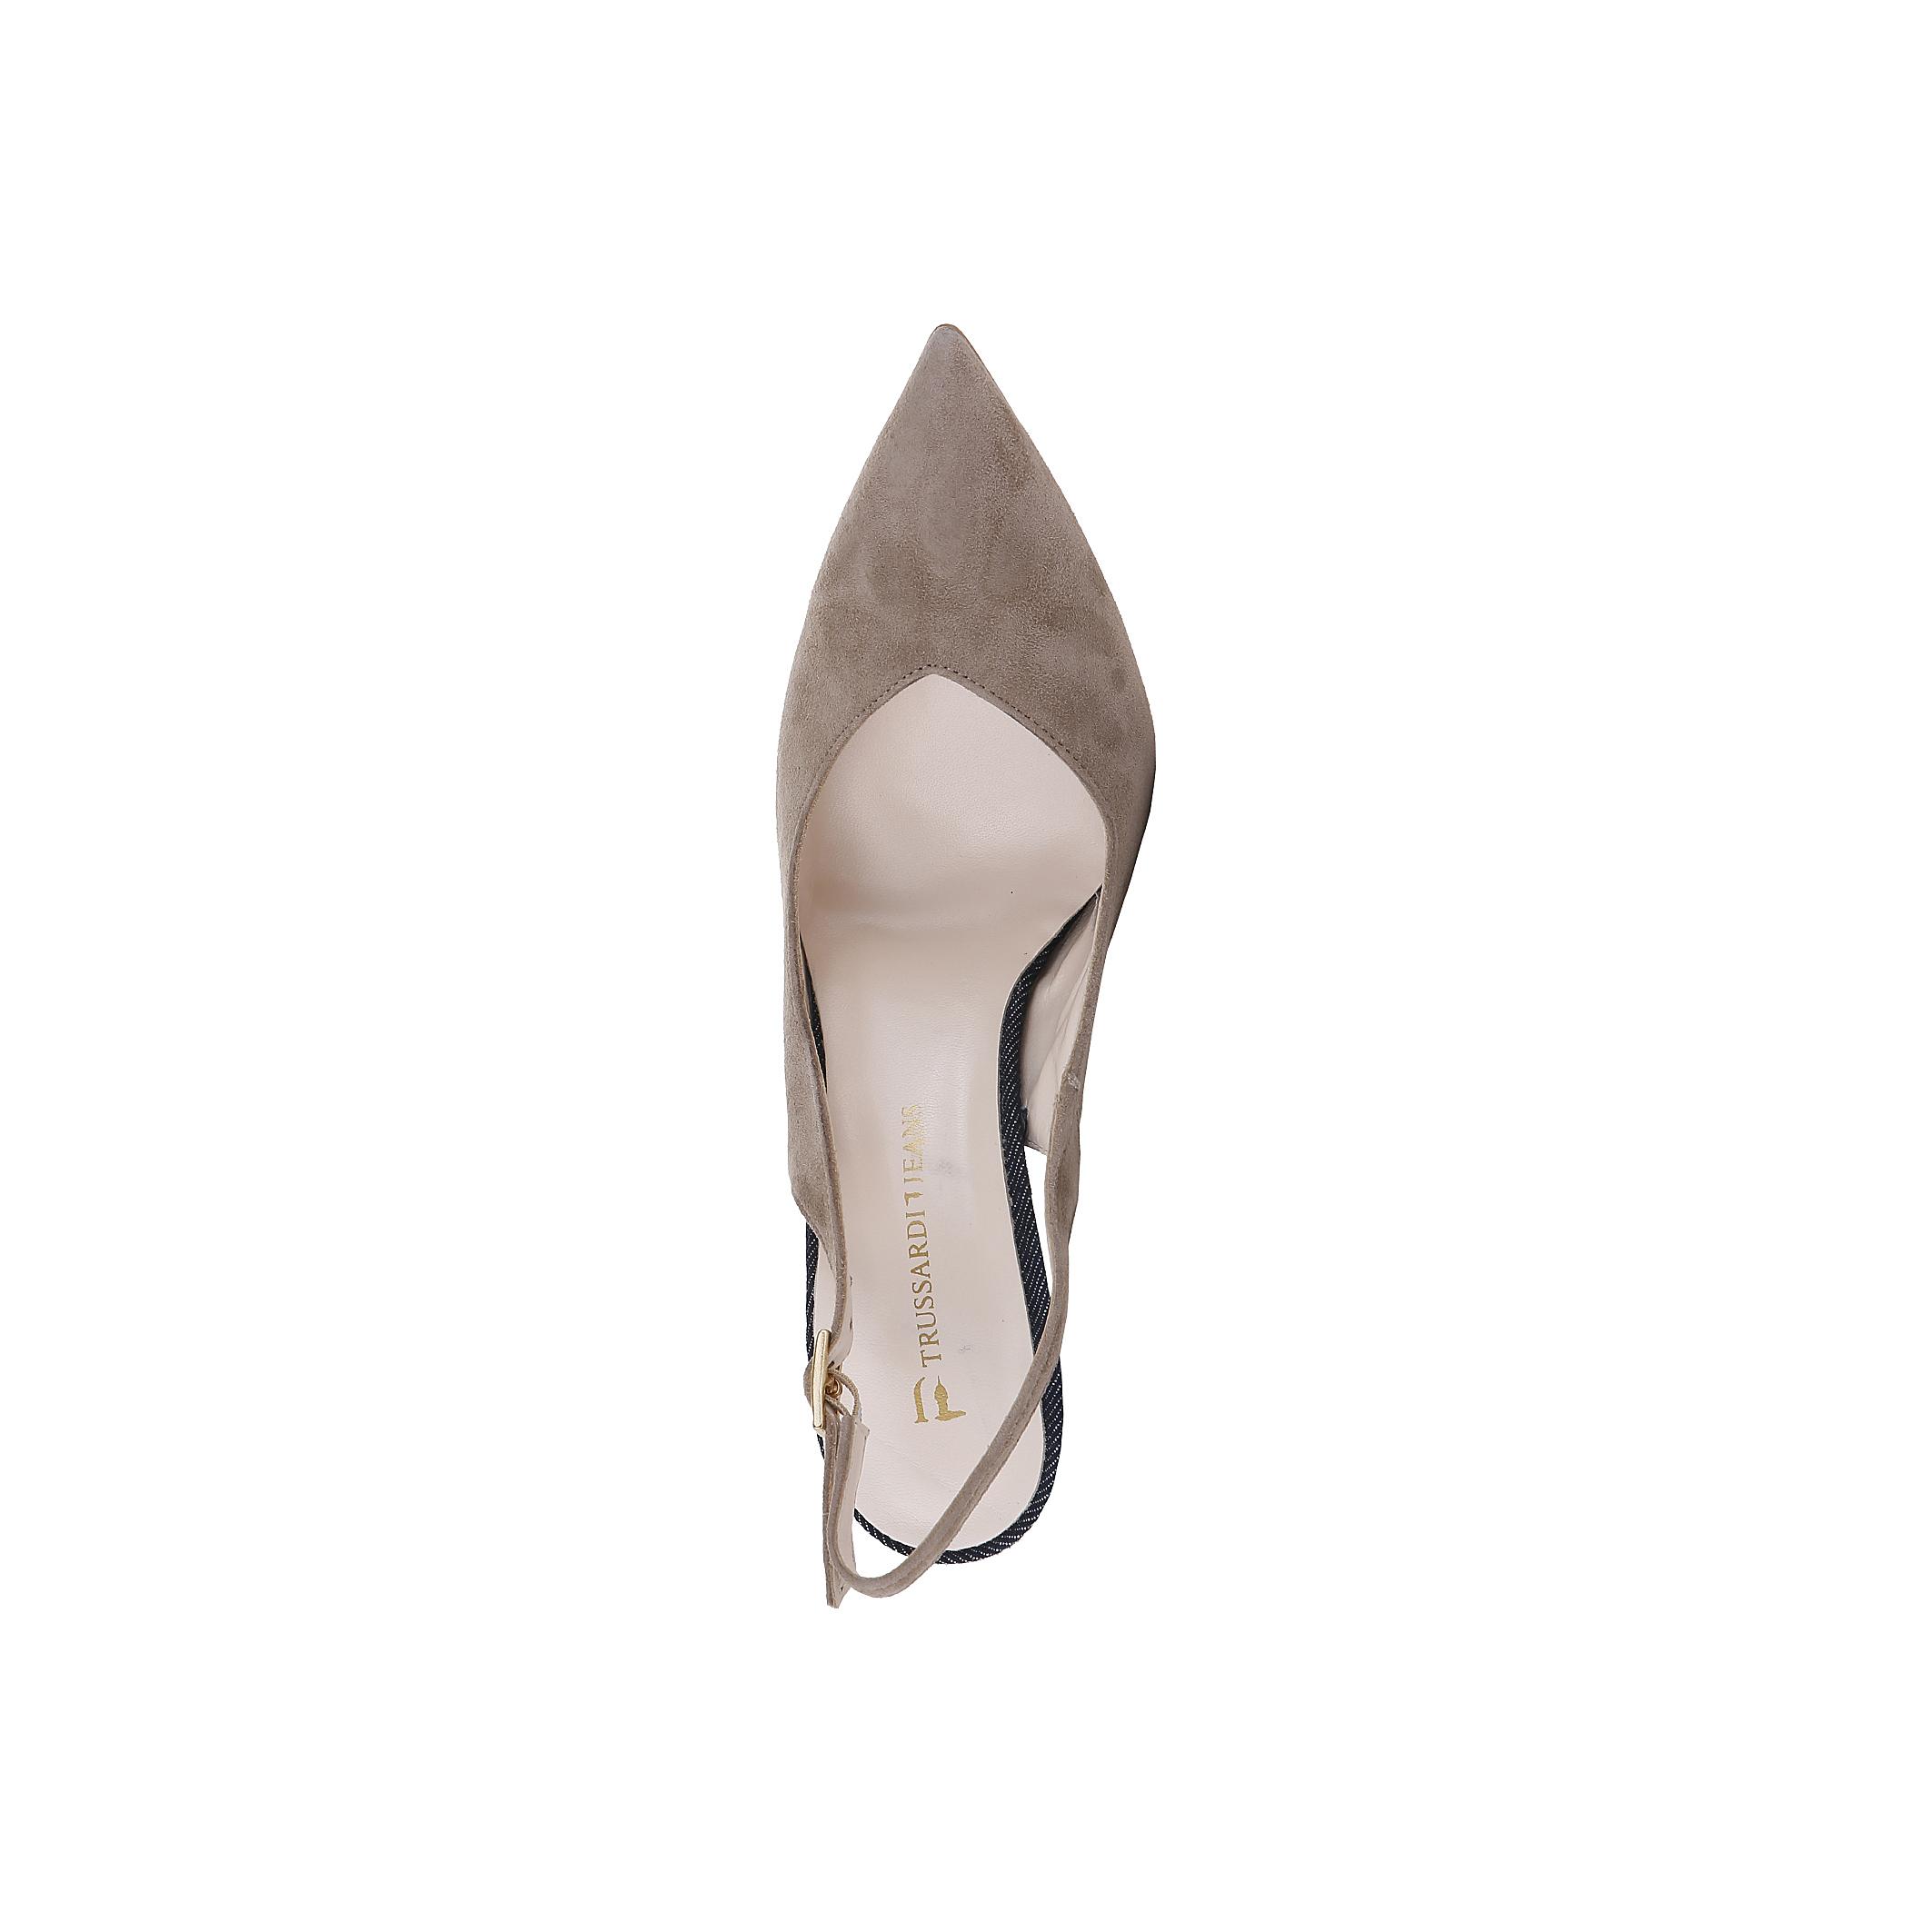 Chaussures  Trussardi 79S009 brown